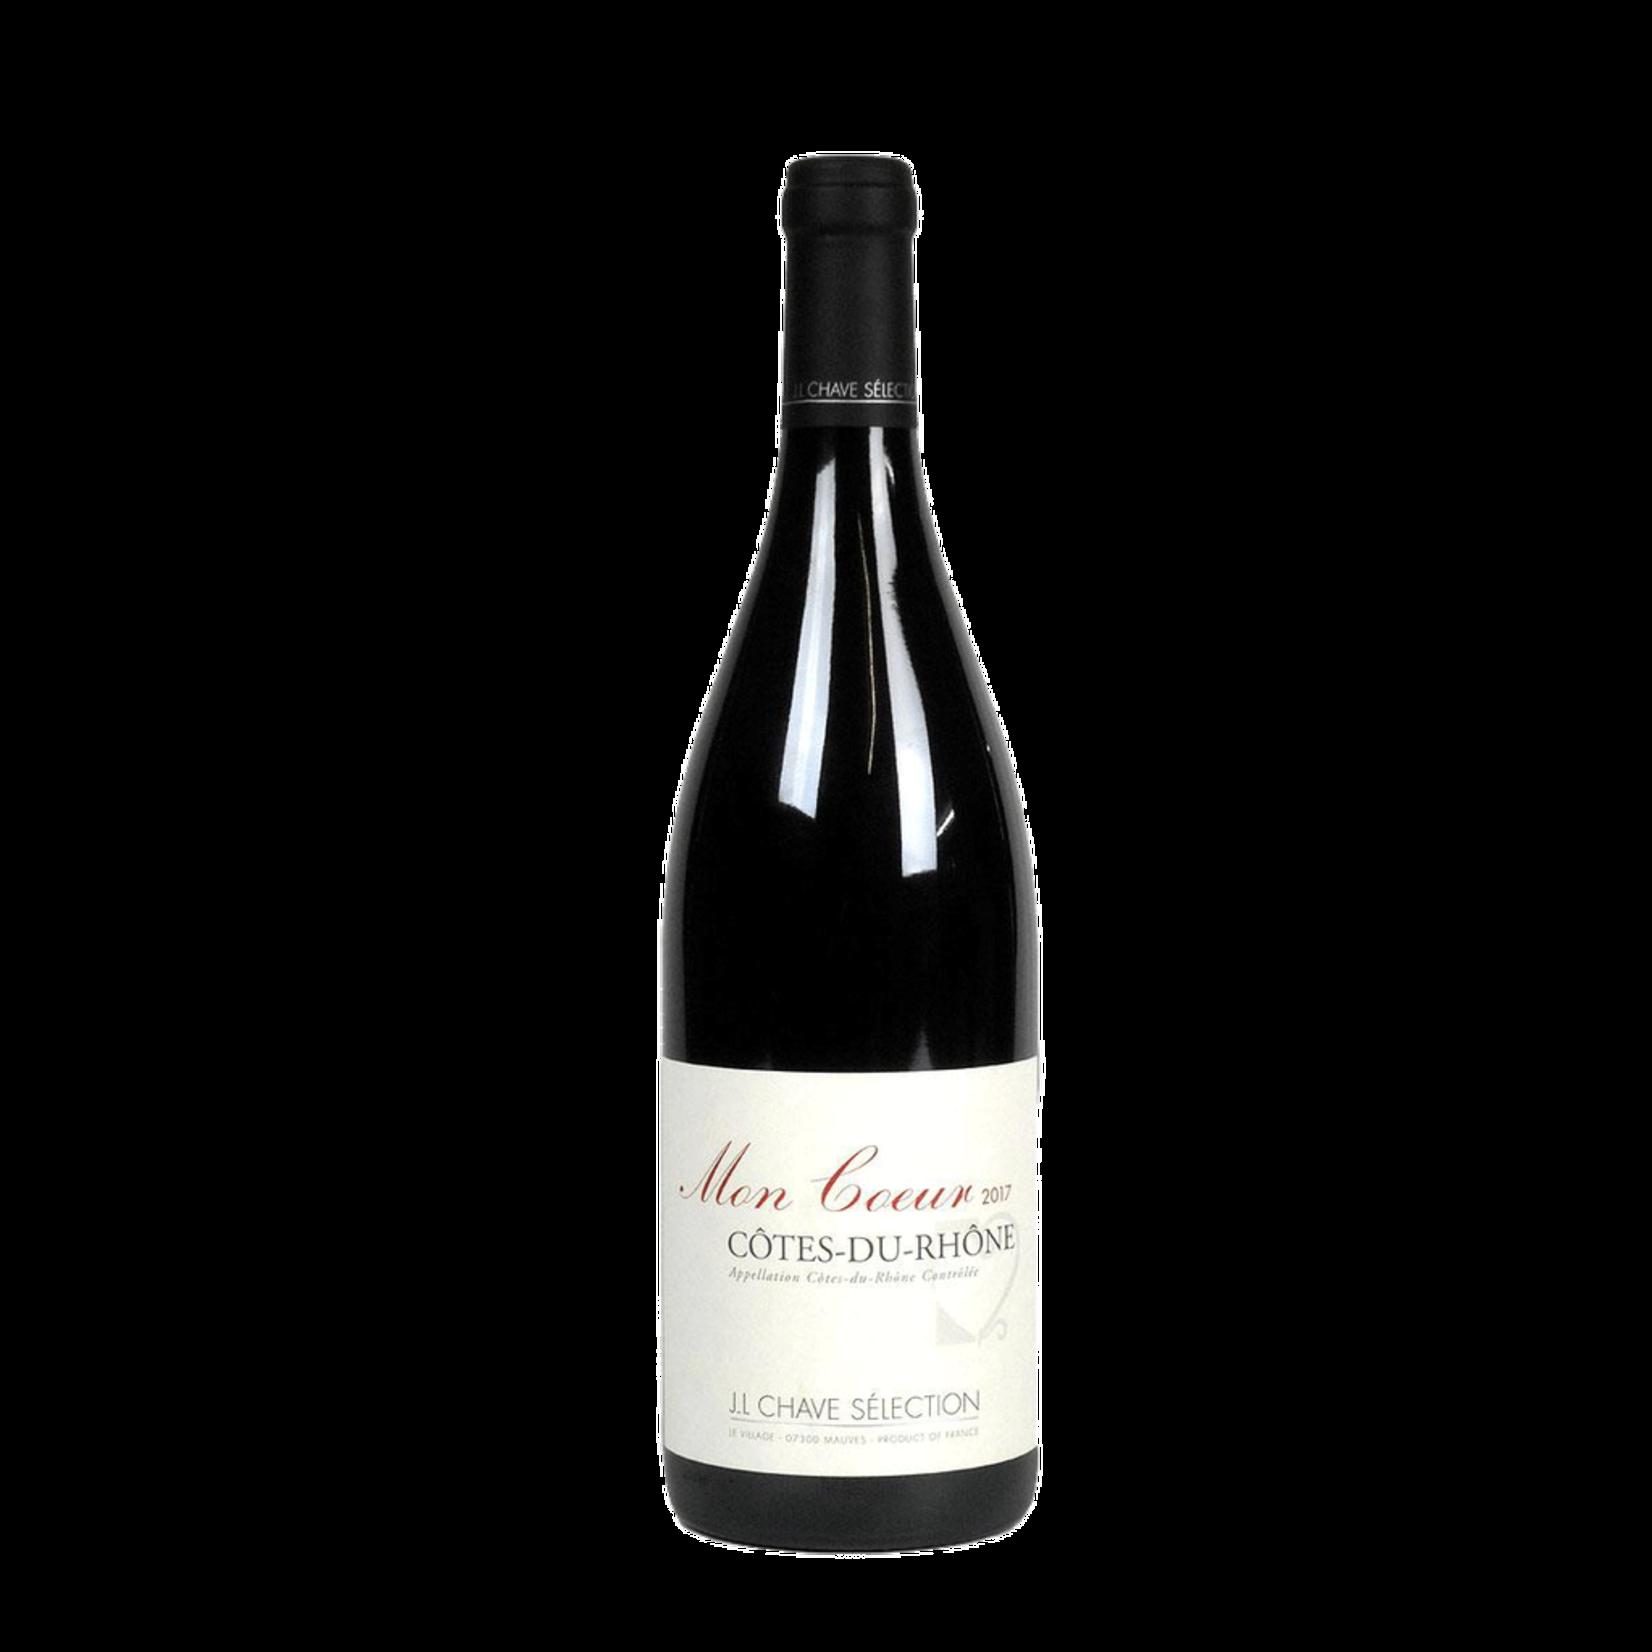 Wine Domaine Jean-Louis Chave Cotes du Rhone Mon Coeur 2019